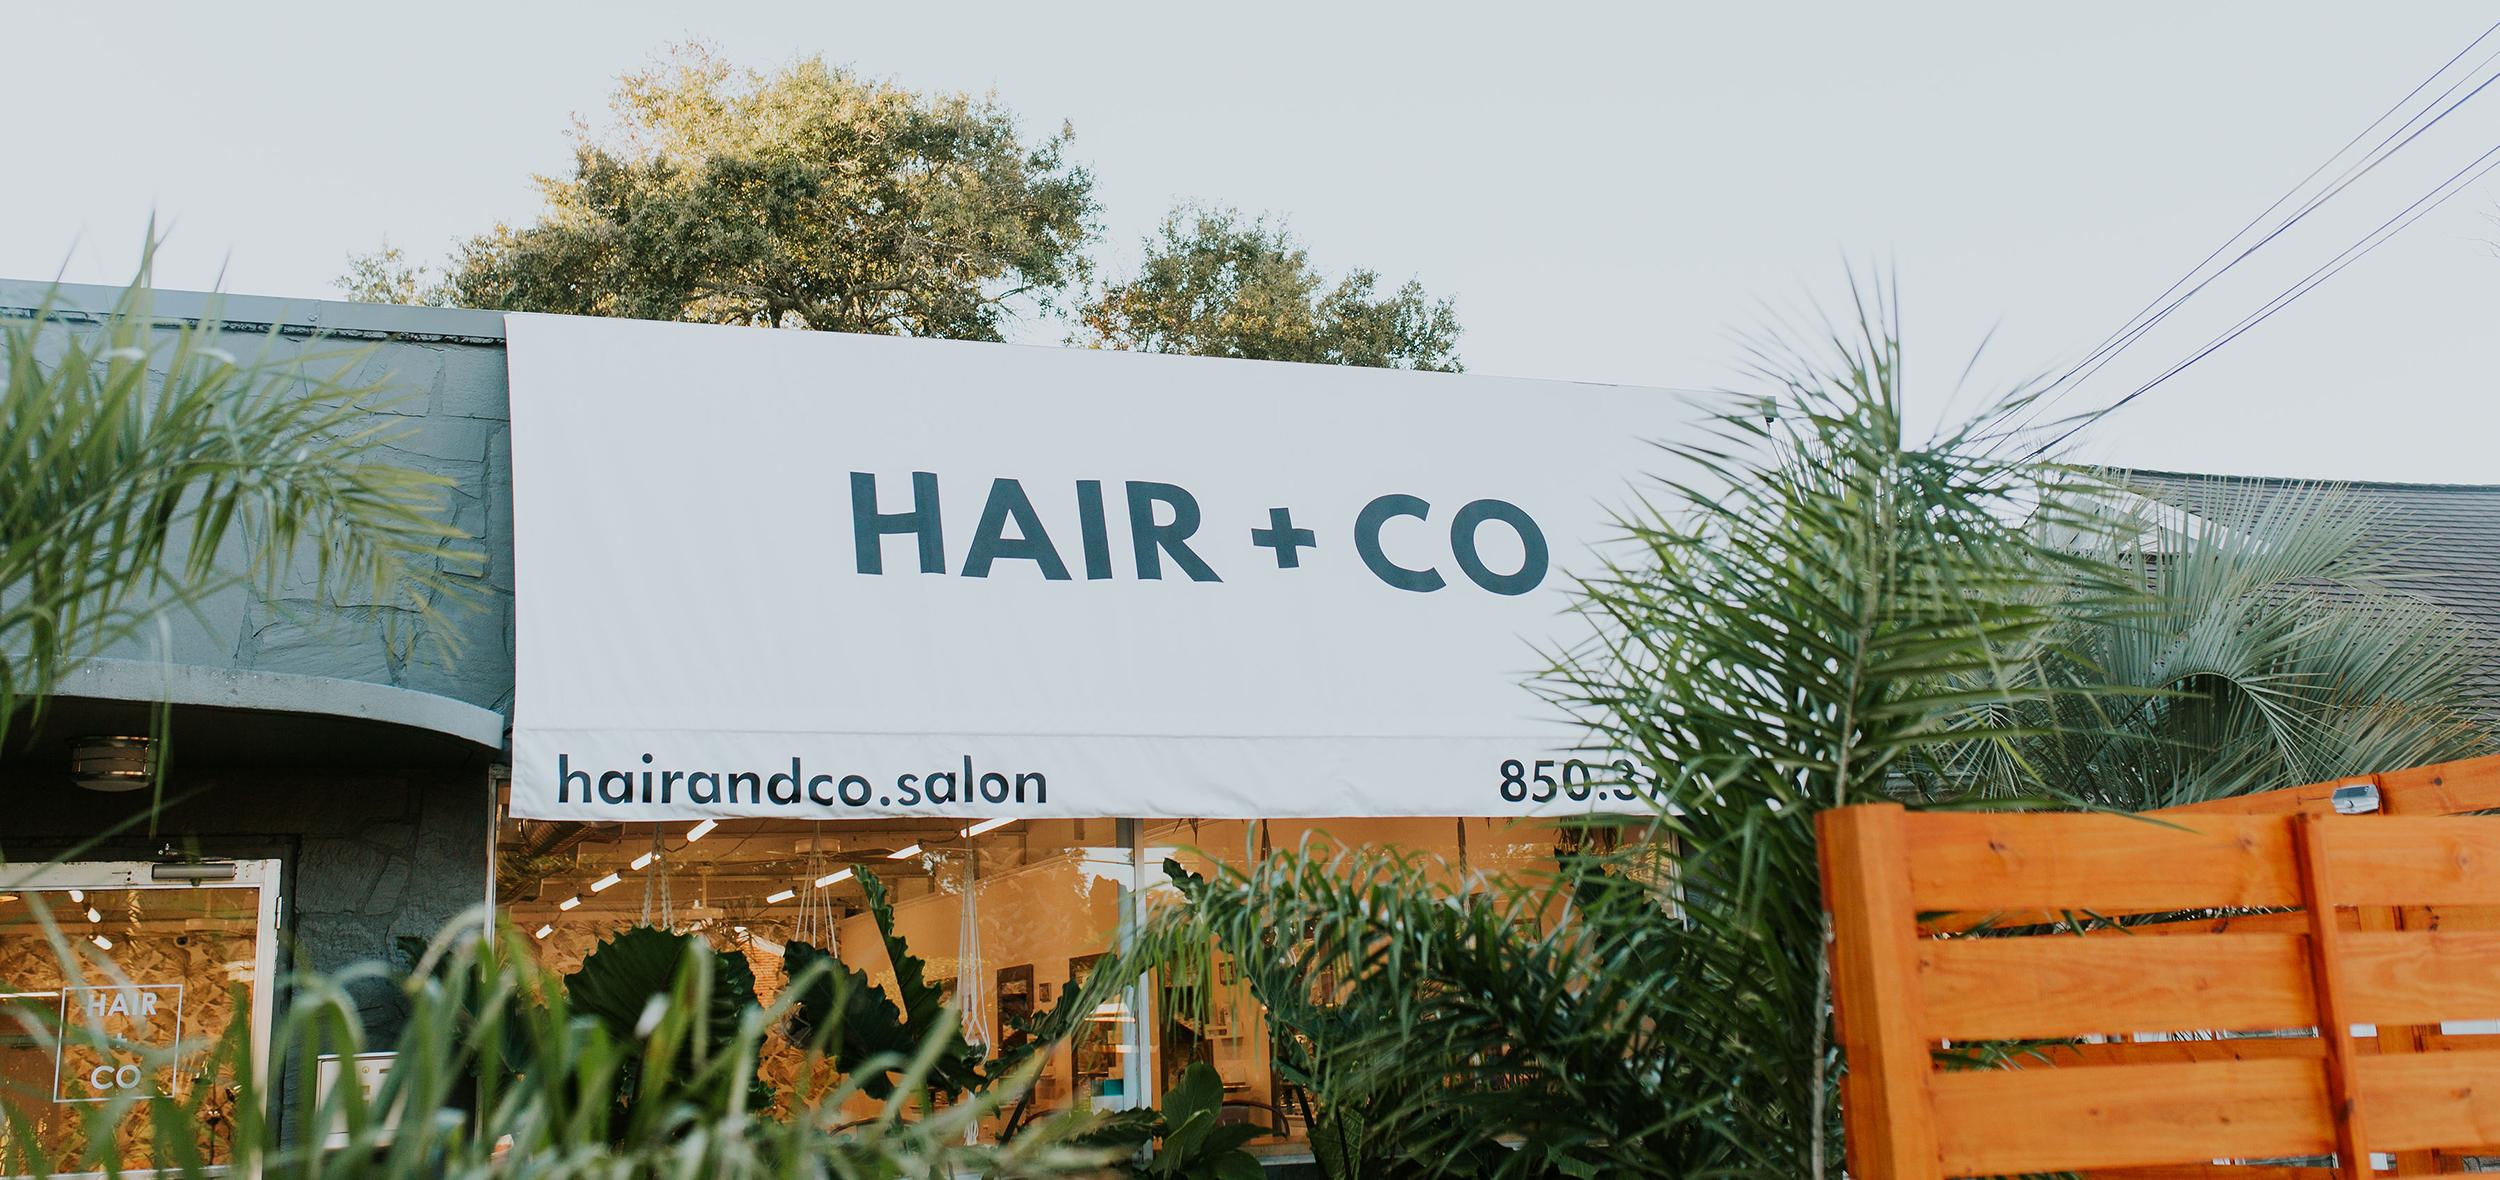 Hair-And-Co-Pensacola-FL-Exterior.jpg